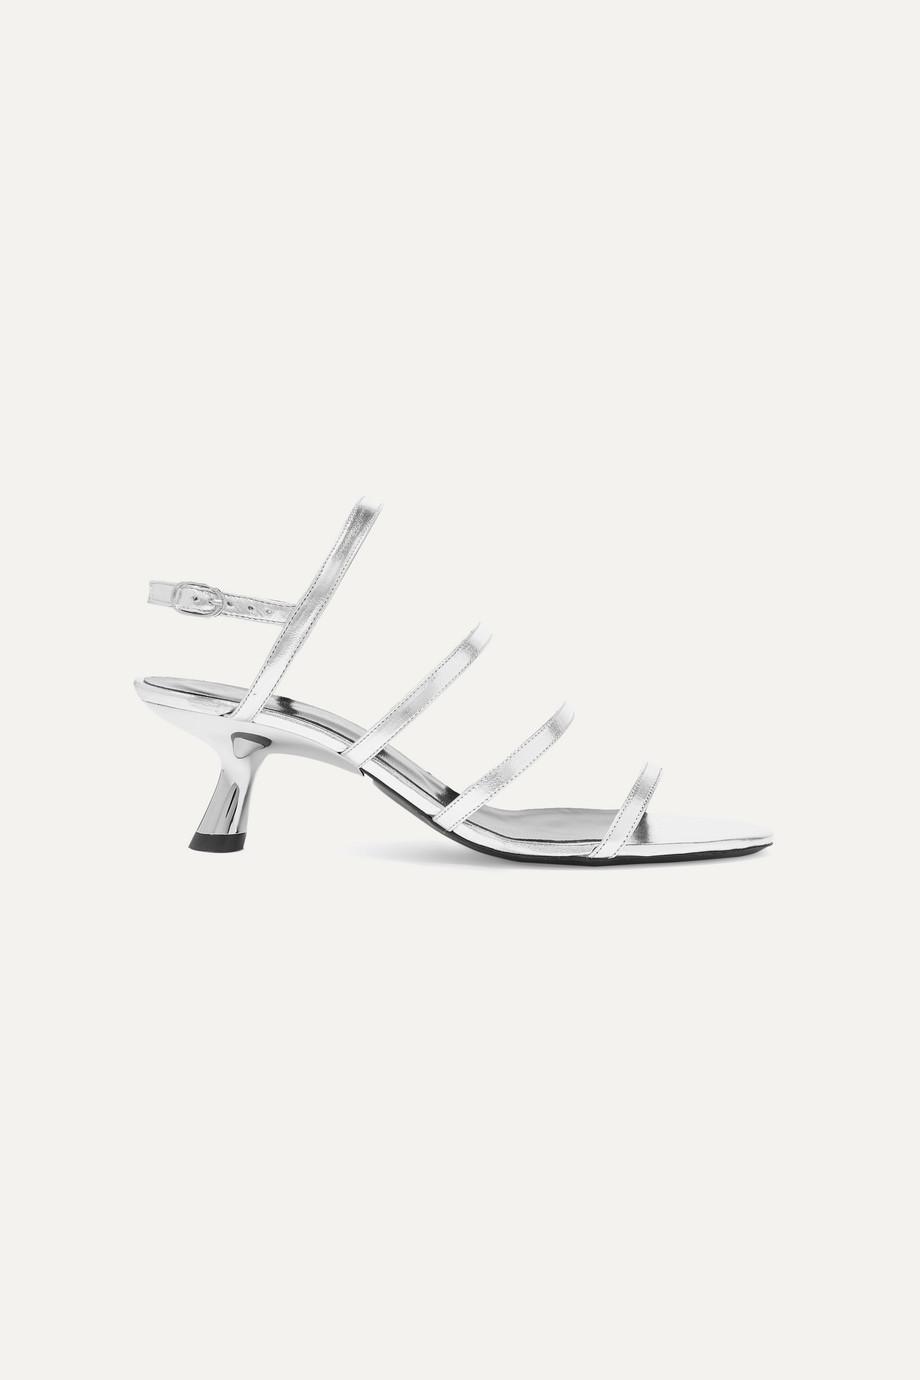 SIMON MILLER Strappy Tee Slingback-Sandalen aus Leder in Metallic-Optik